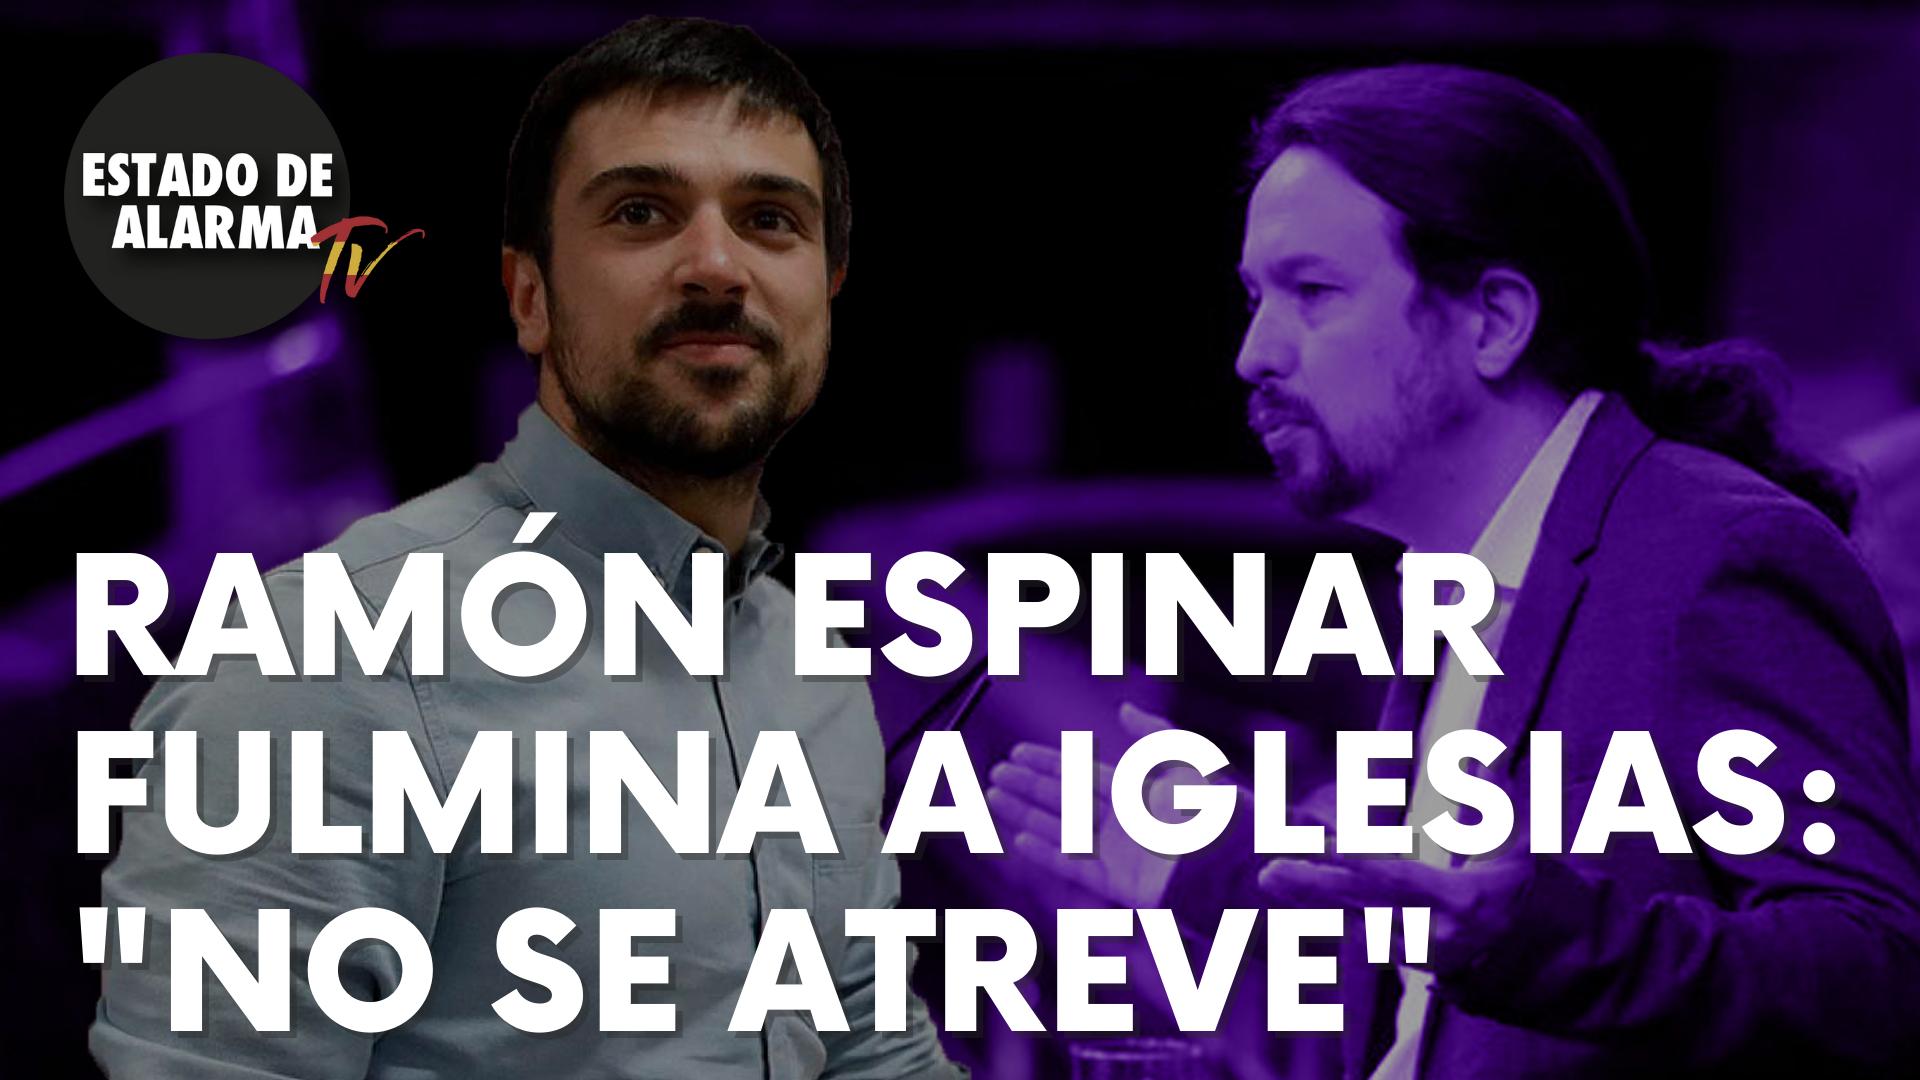 Ramón Espinar destroza a Iglesias